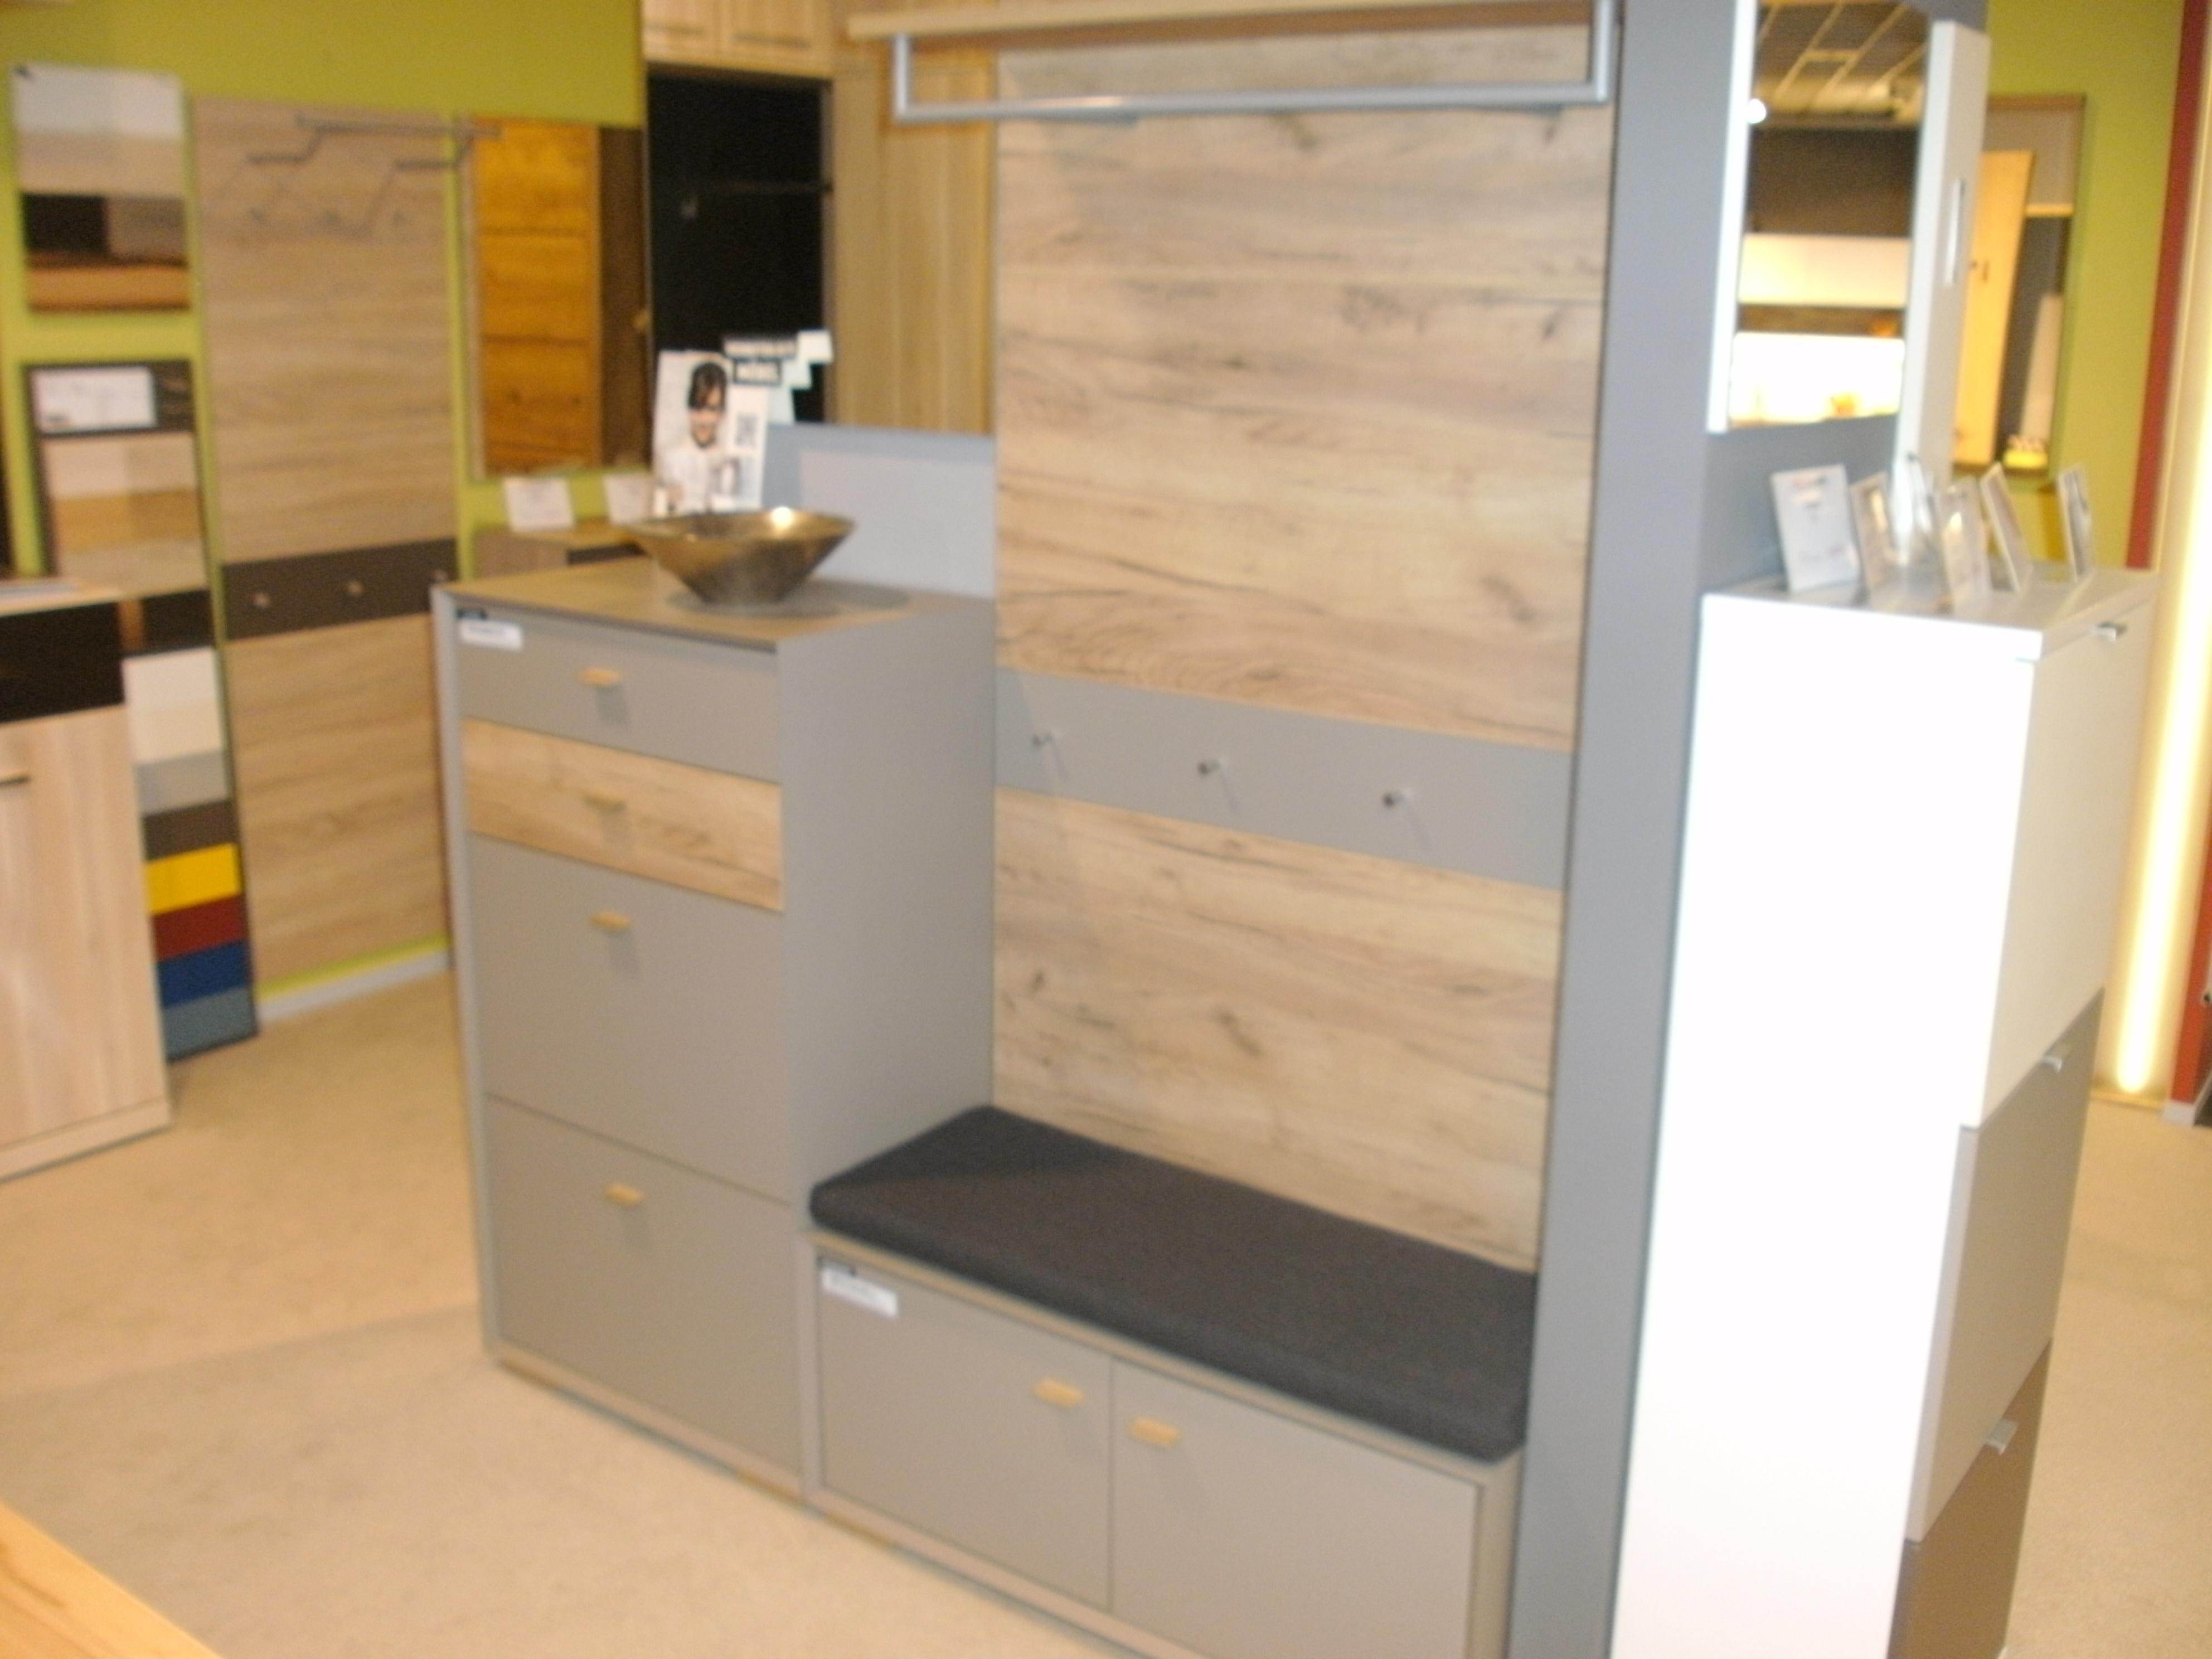 mein ausstellungsst ck garderobe calvi. Black Bedroom Furniture Sets. Home Design Ideas